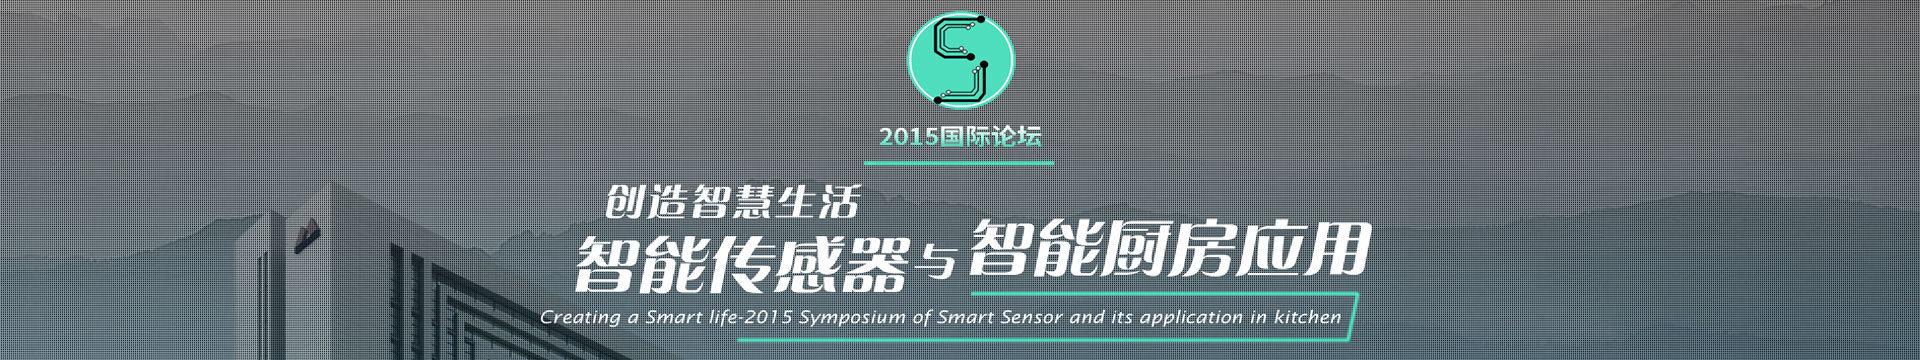 2015年智能传感器与智能厨房应用技术产业论坛